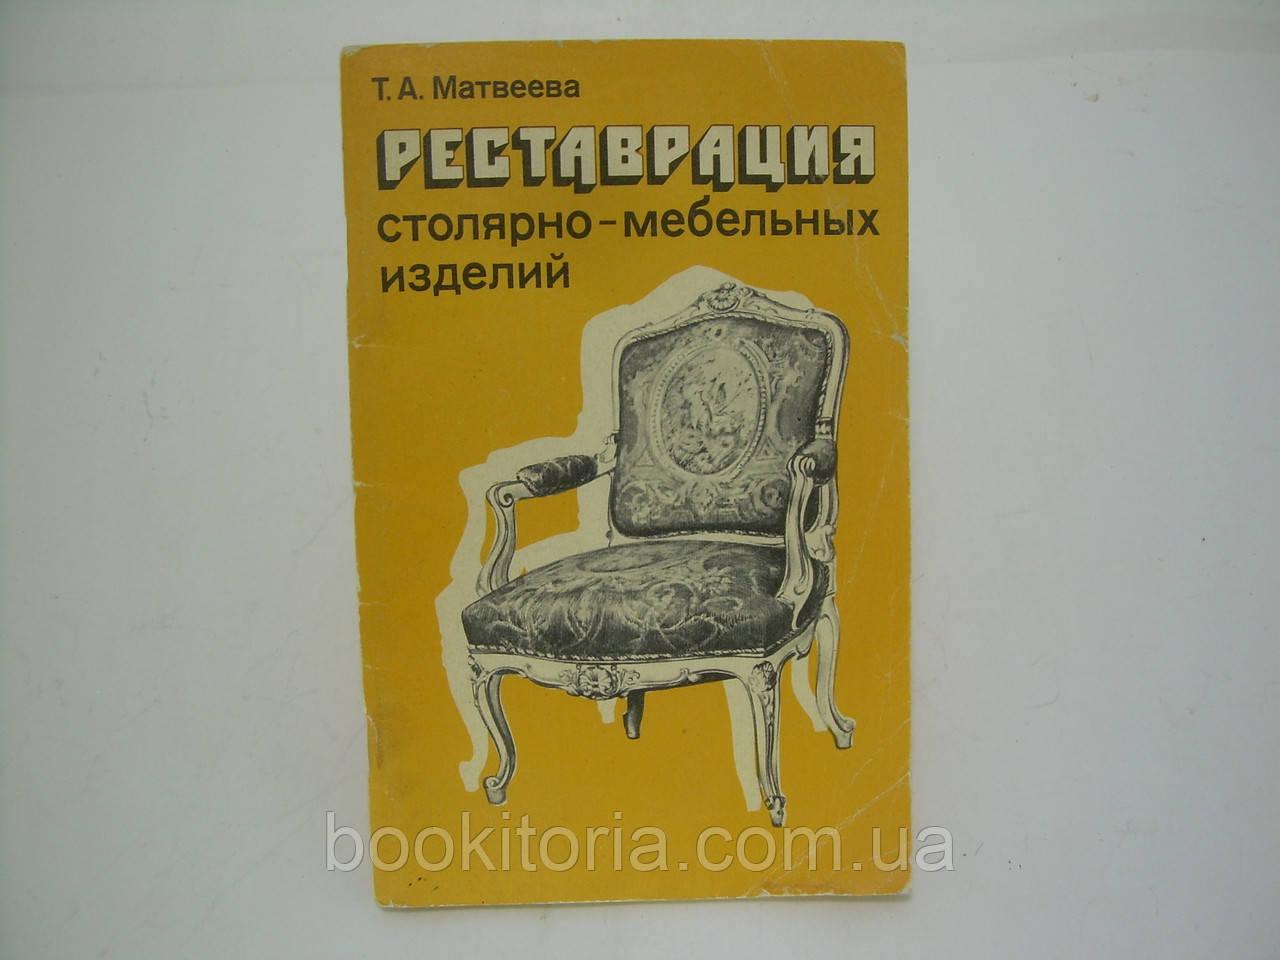 Матвеева Т.А. Реставрация столярно-мебельных изделий (б/у).